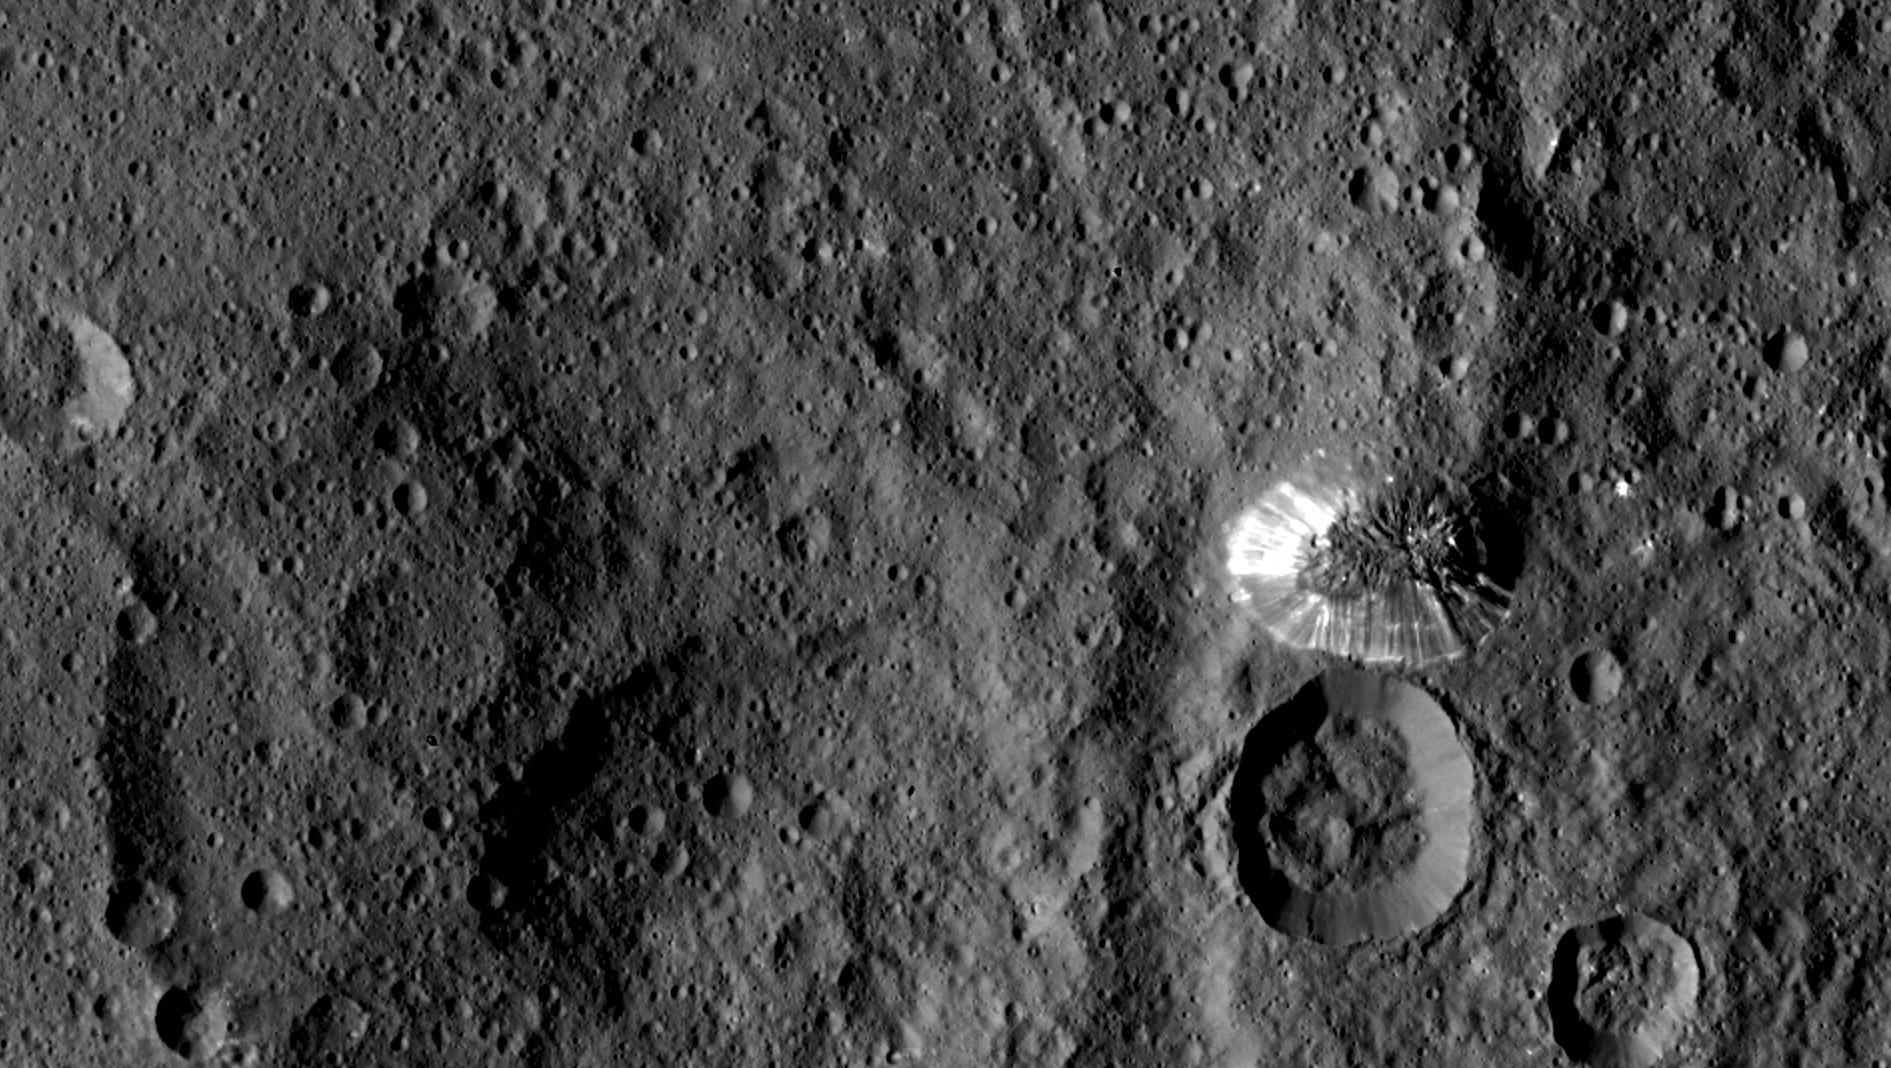 Ahuna Mons. Credit: NASA